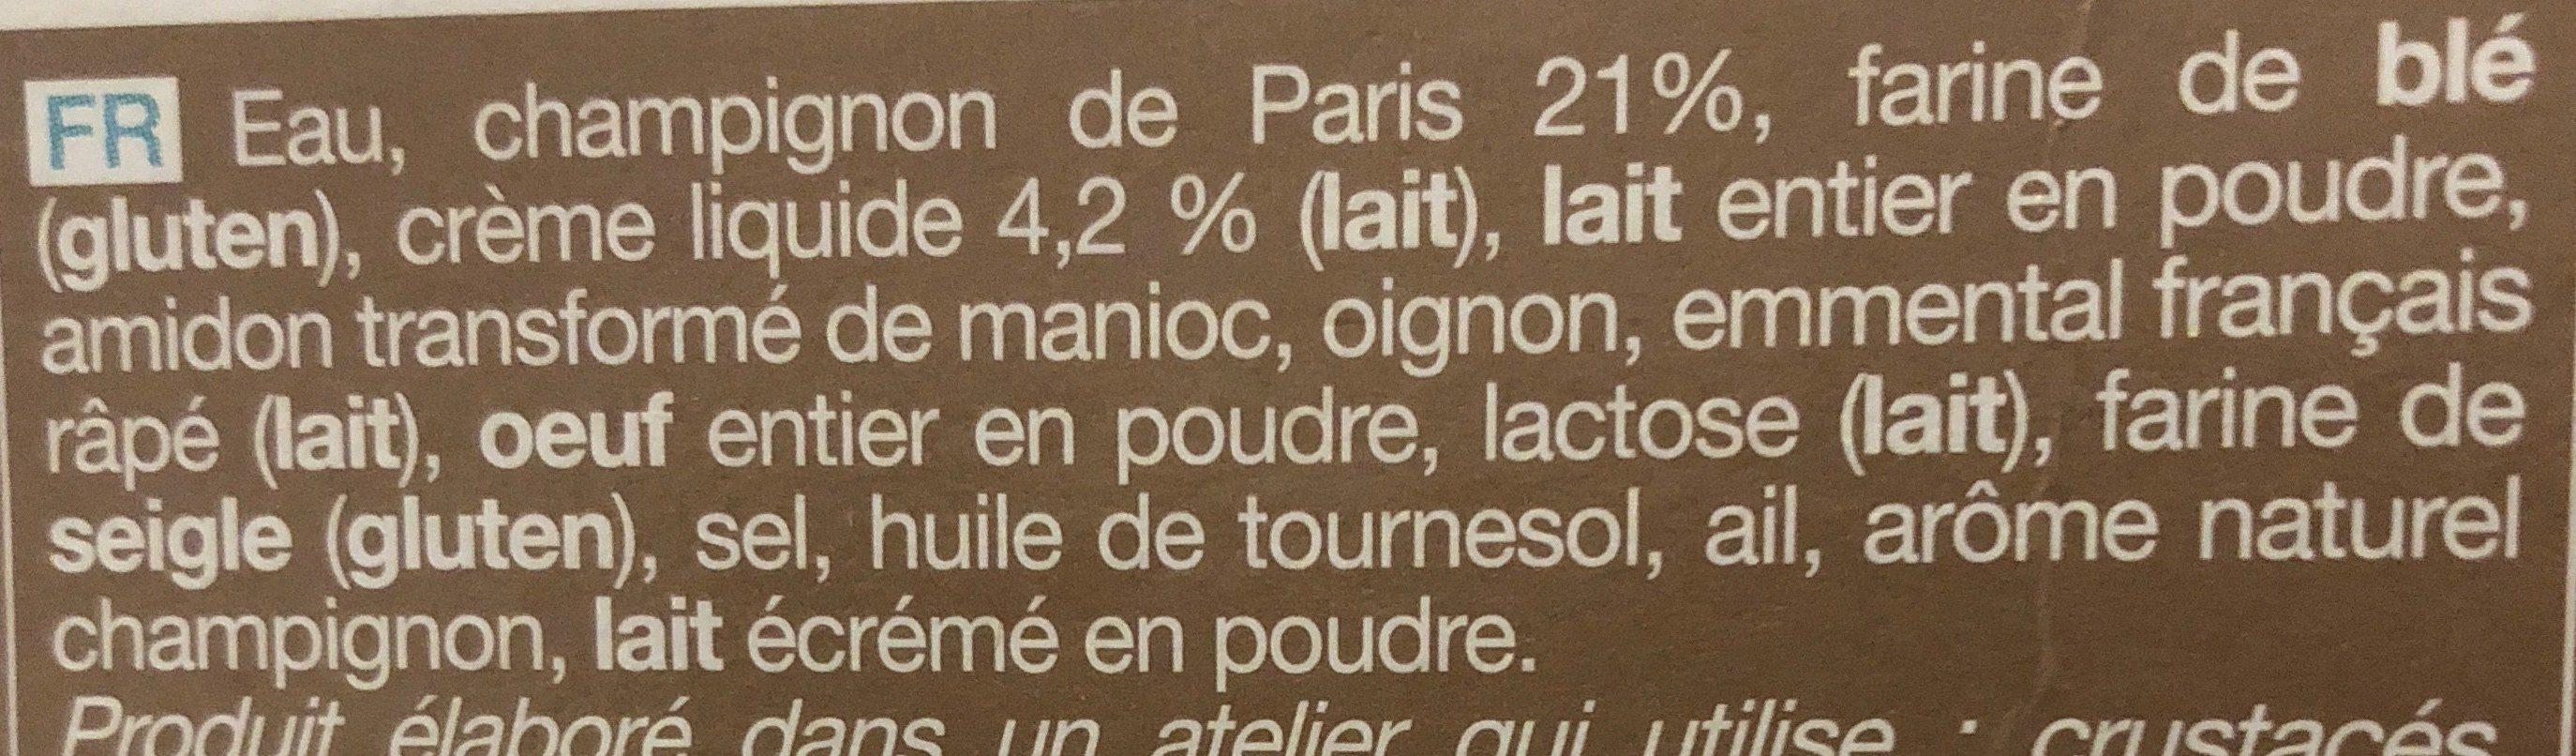 Crêpes champignon - Ingrédients - fr